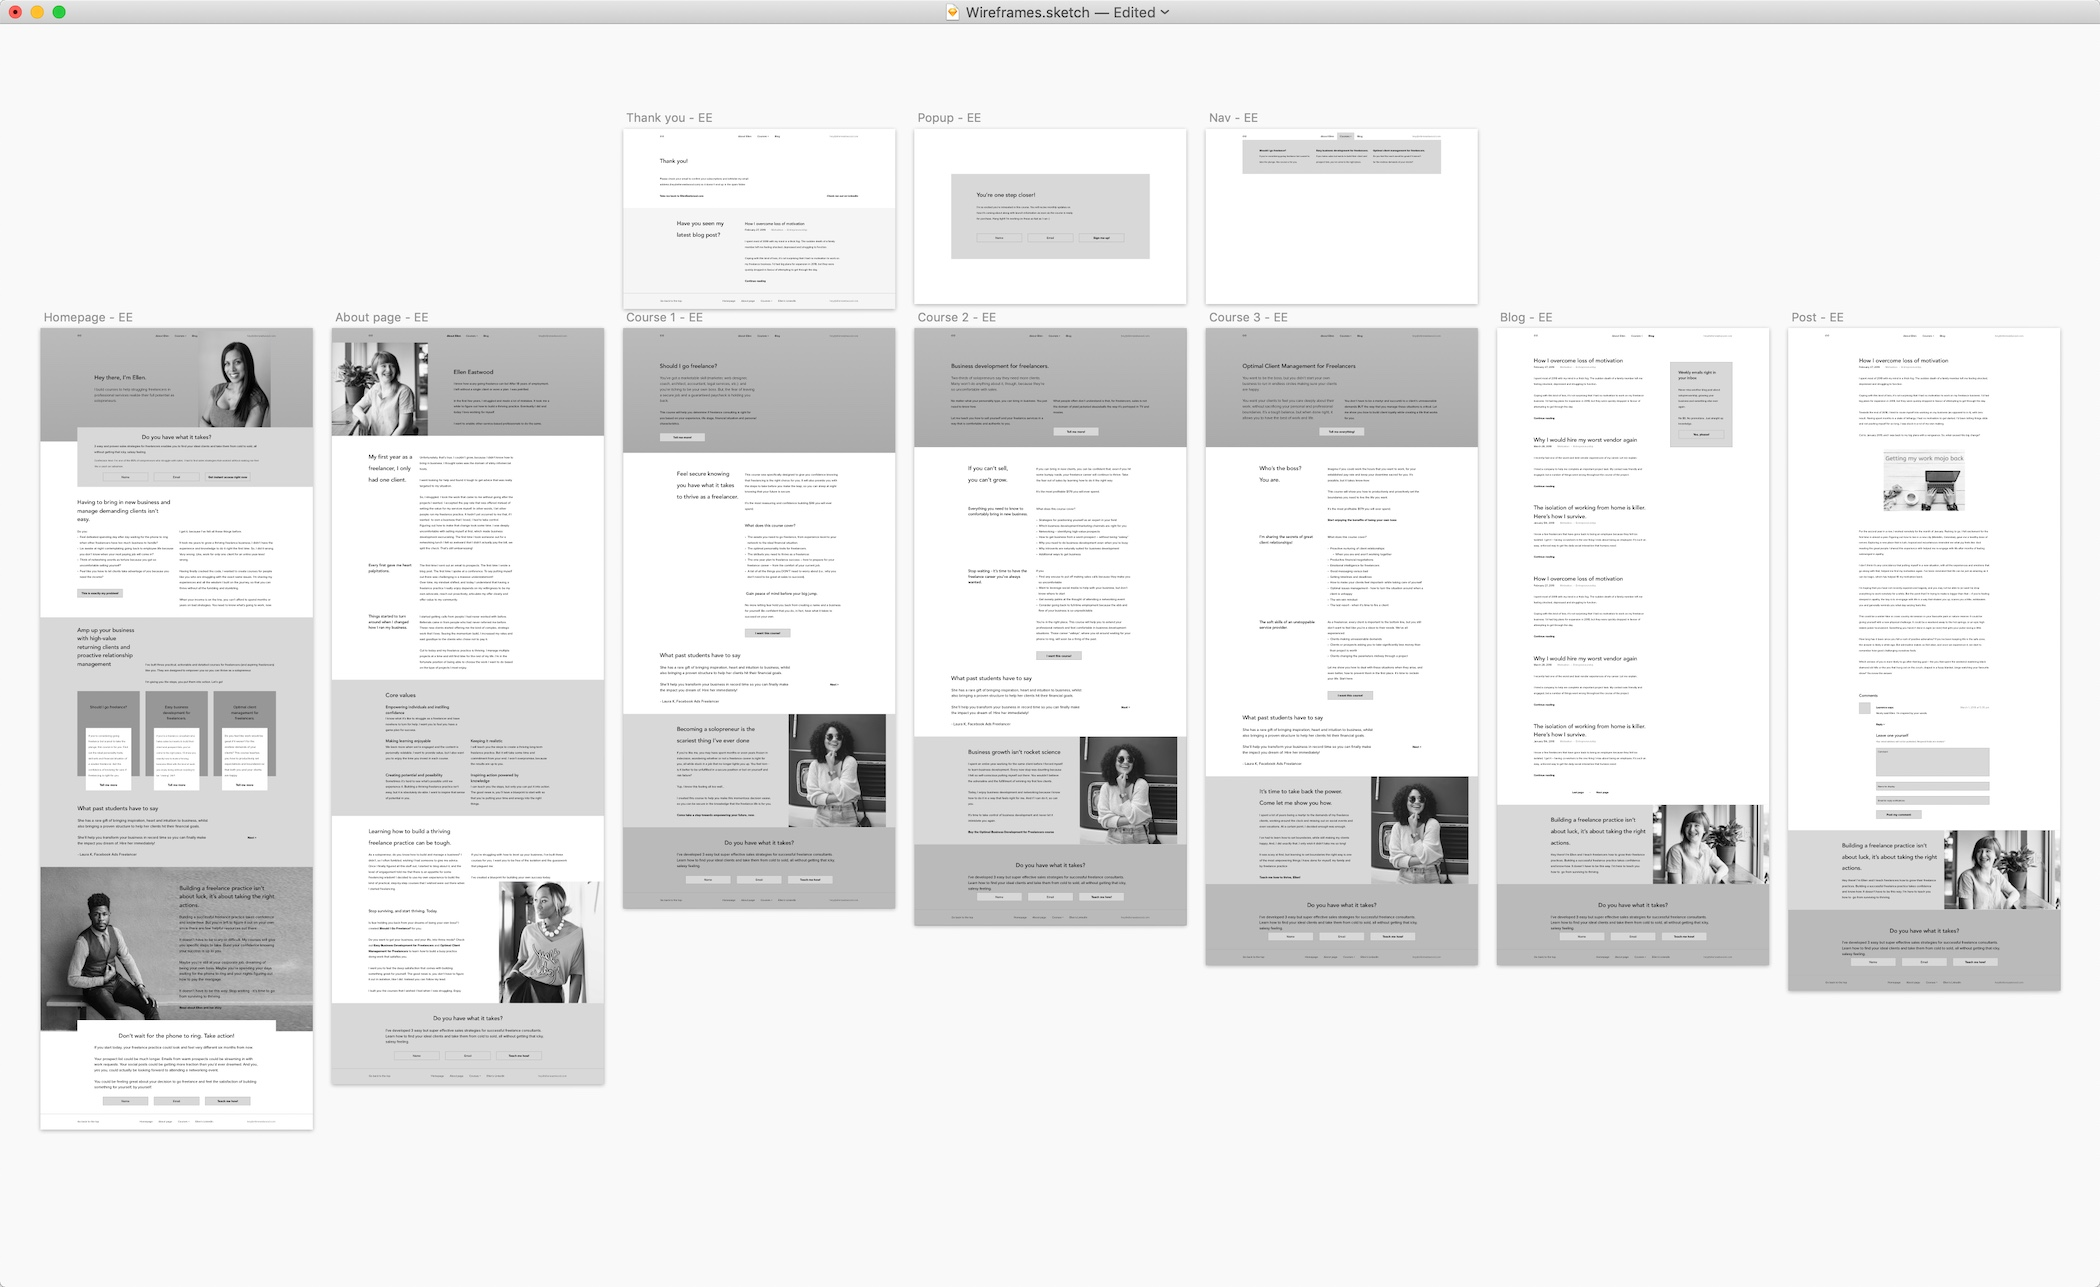 Ellen Eastwood: screenshot of wireframes